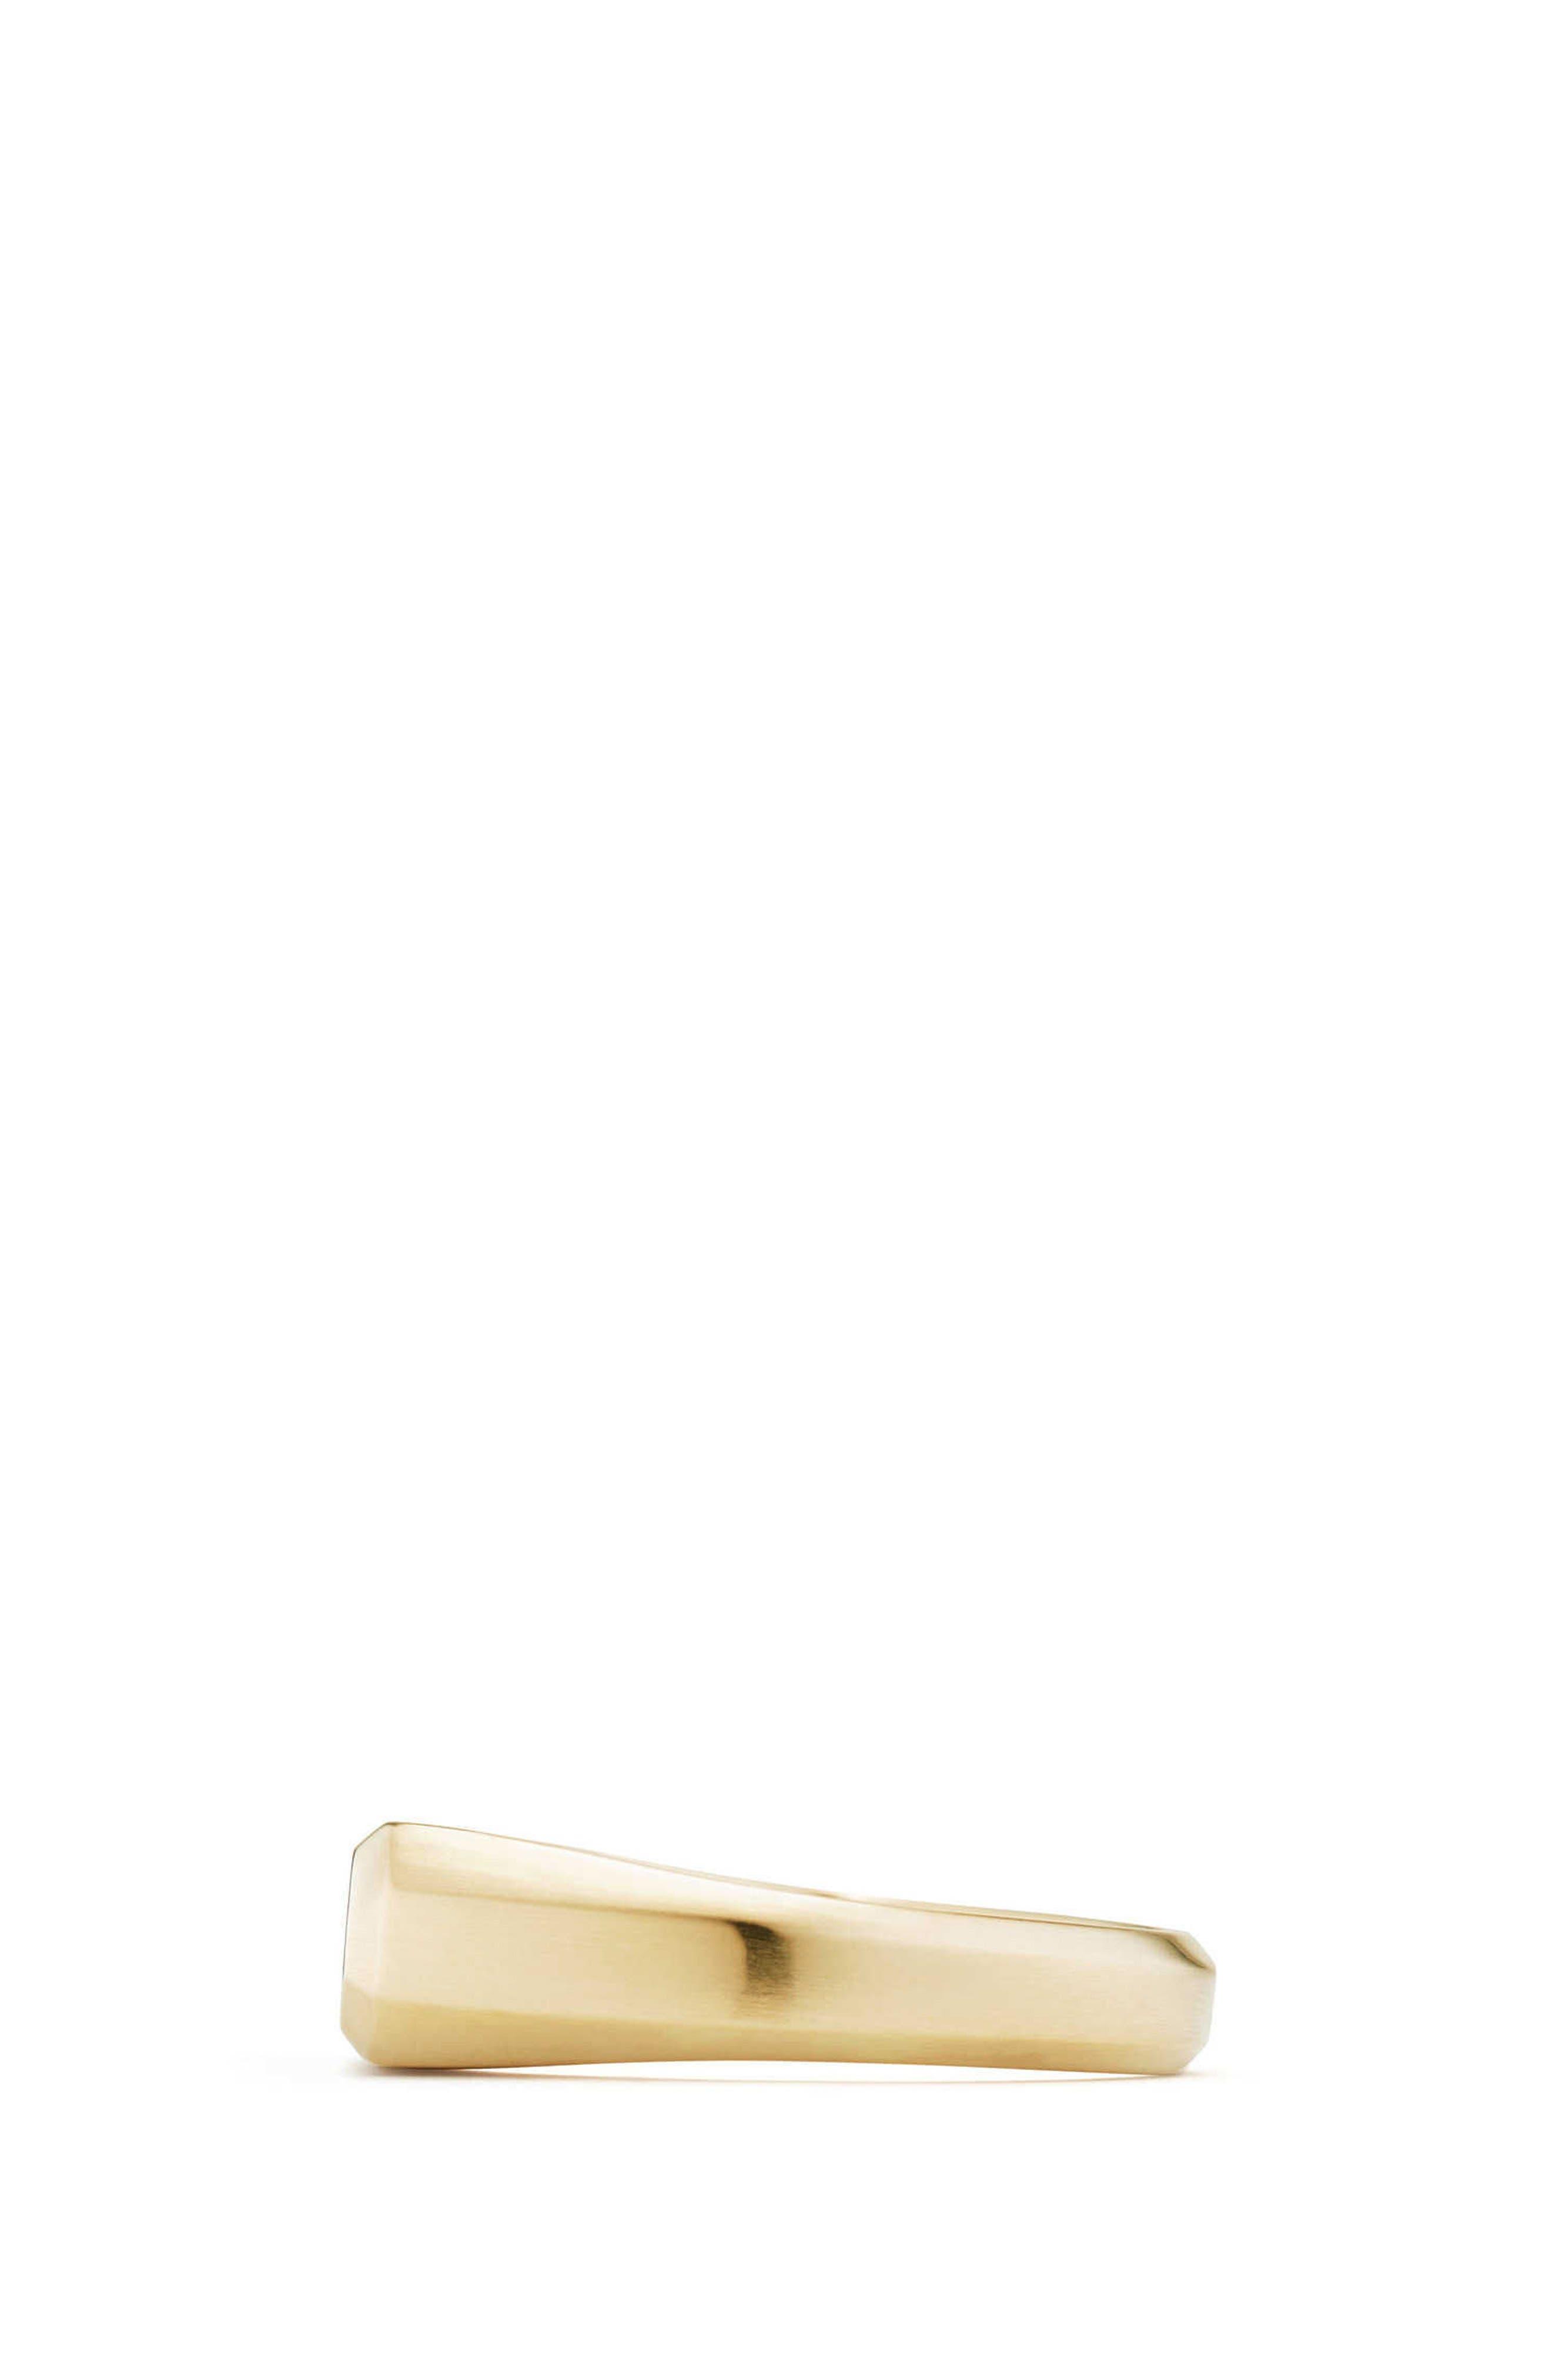 Streamline Signet Ring in 18K Gold,                             Alternate thumbnail 2, color,                             GOLD